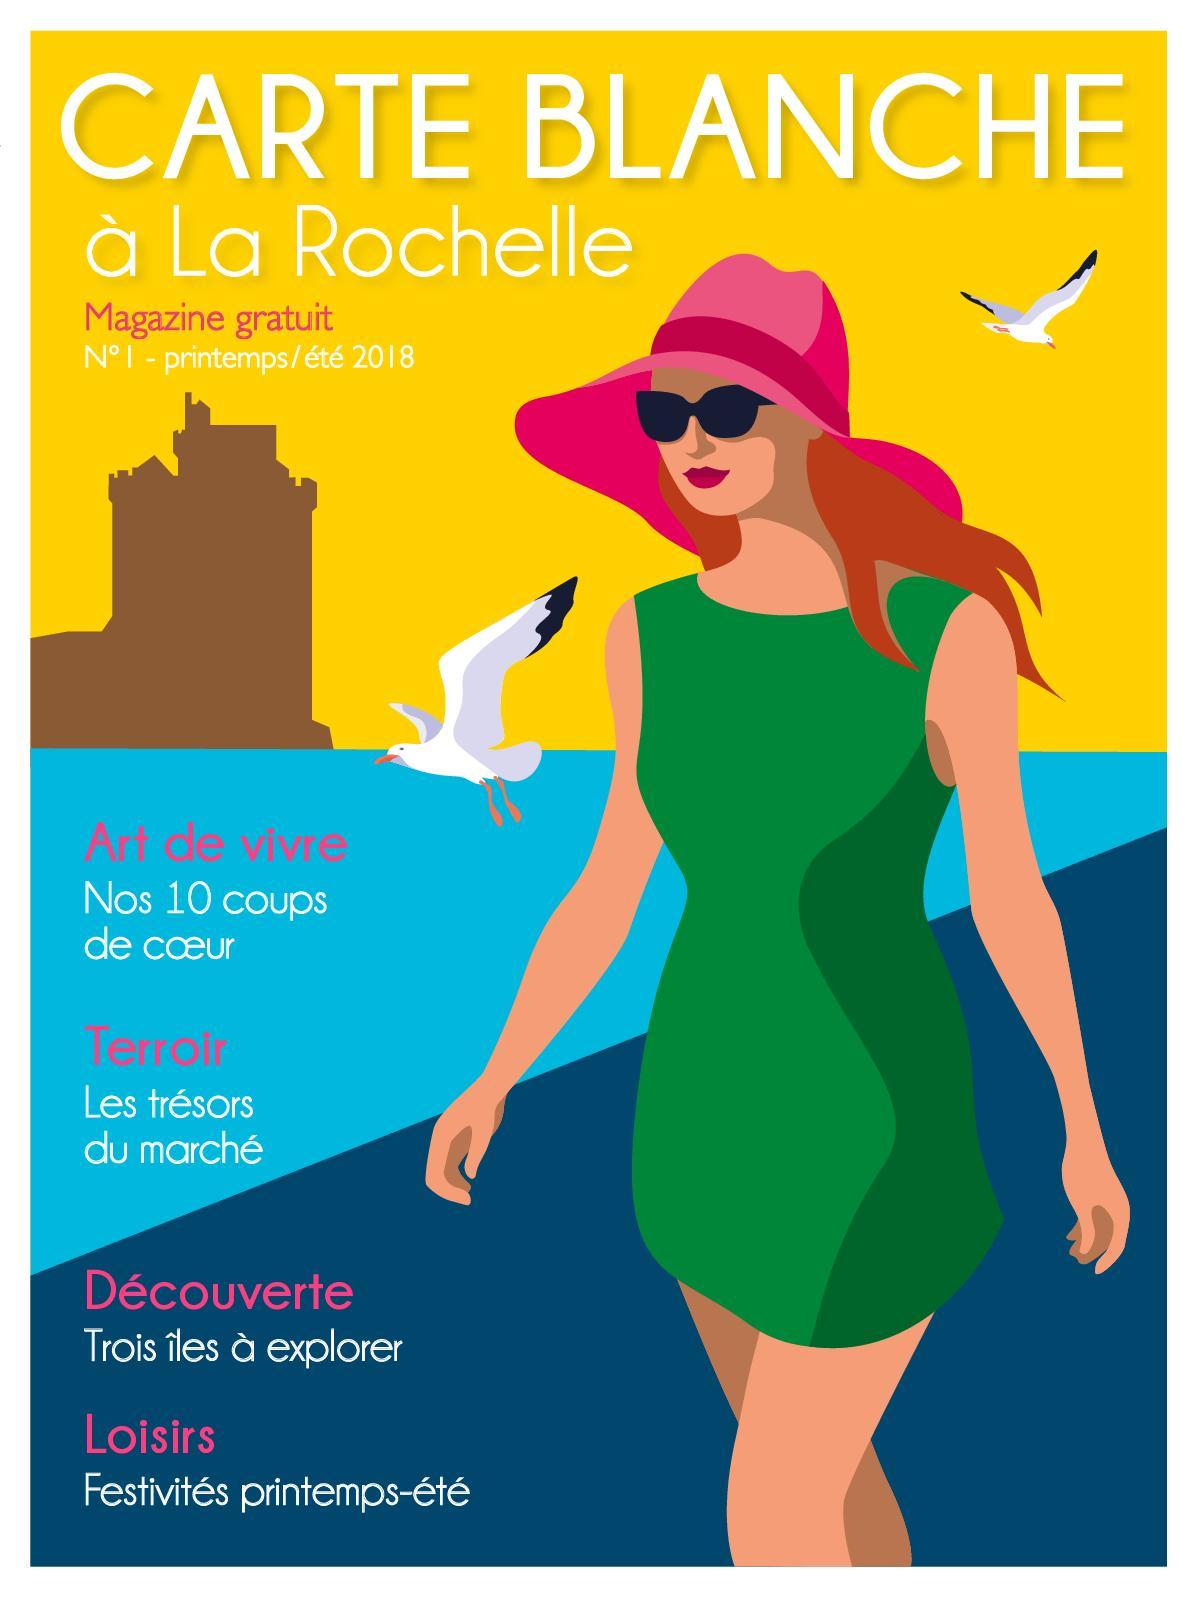 Tissus Ameublement La Rochelle calaméo - carte blanche 2018 la rochelle